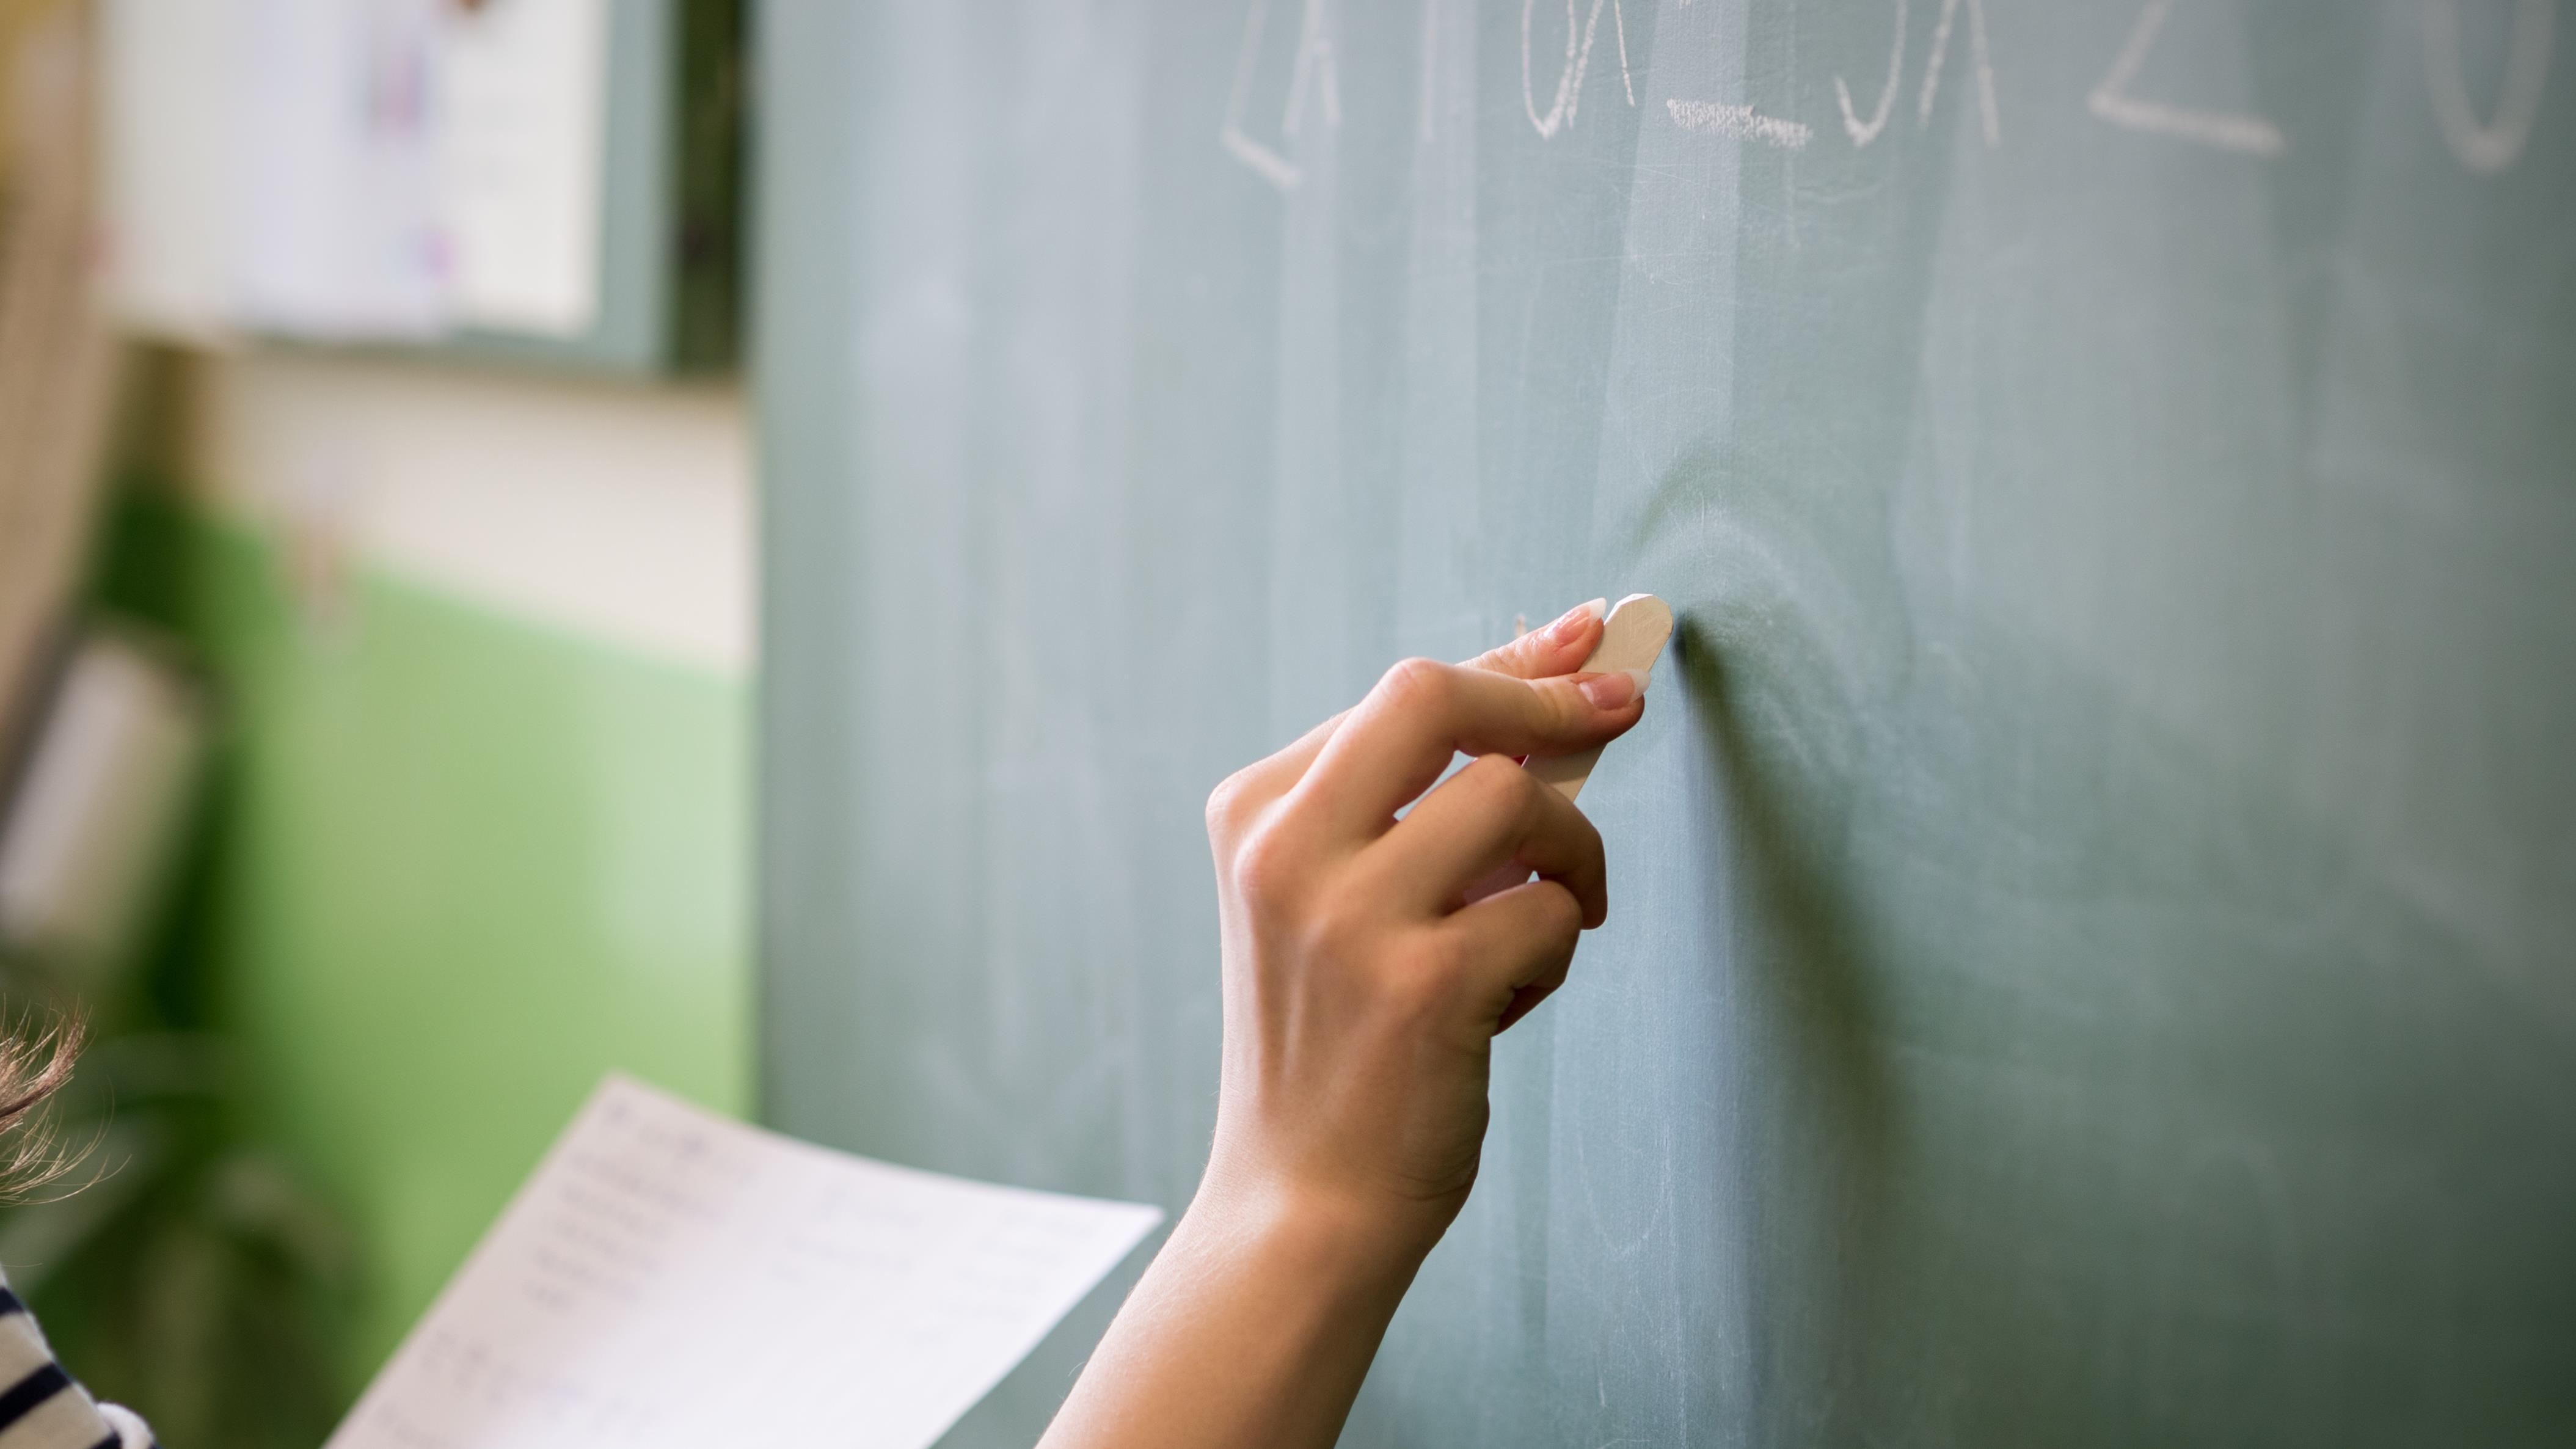 Capes abre segunda fase de seleção para programas de formação de professores